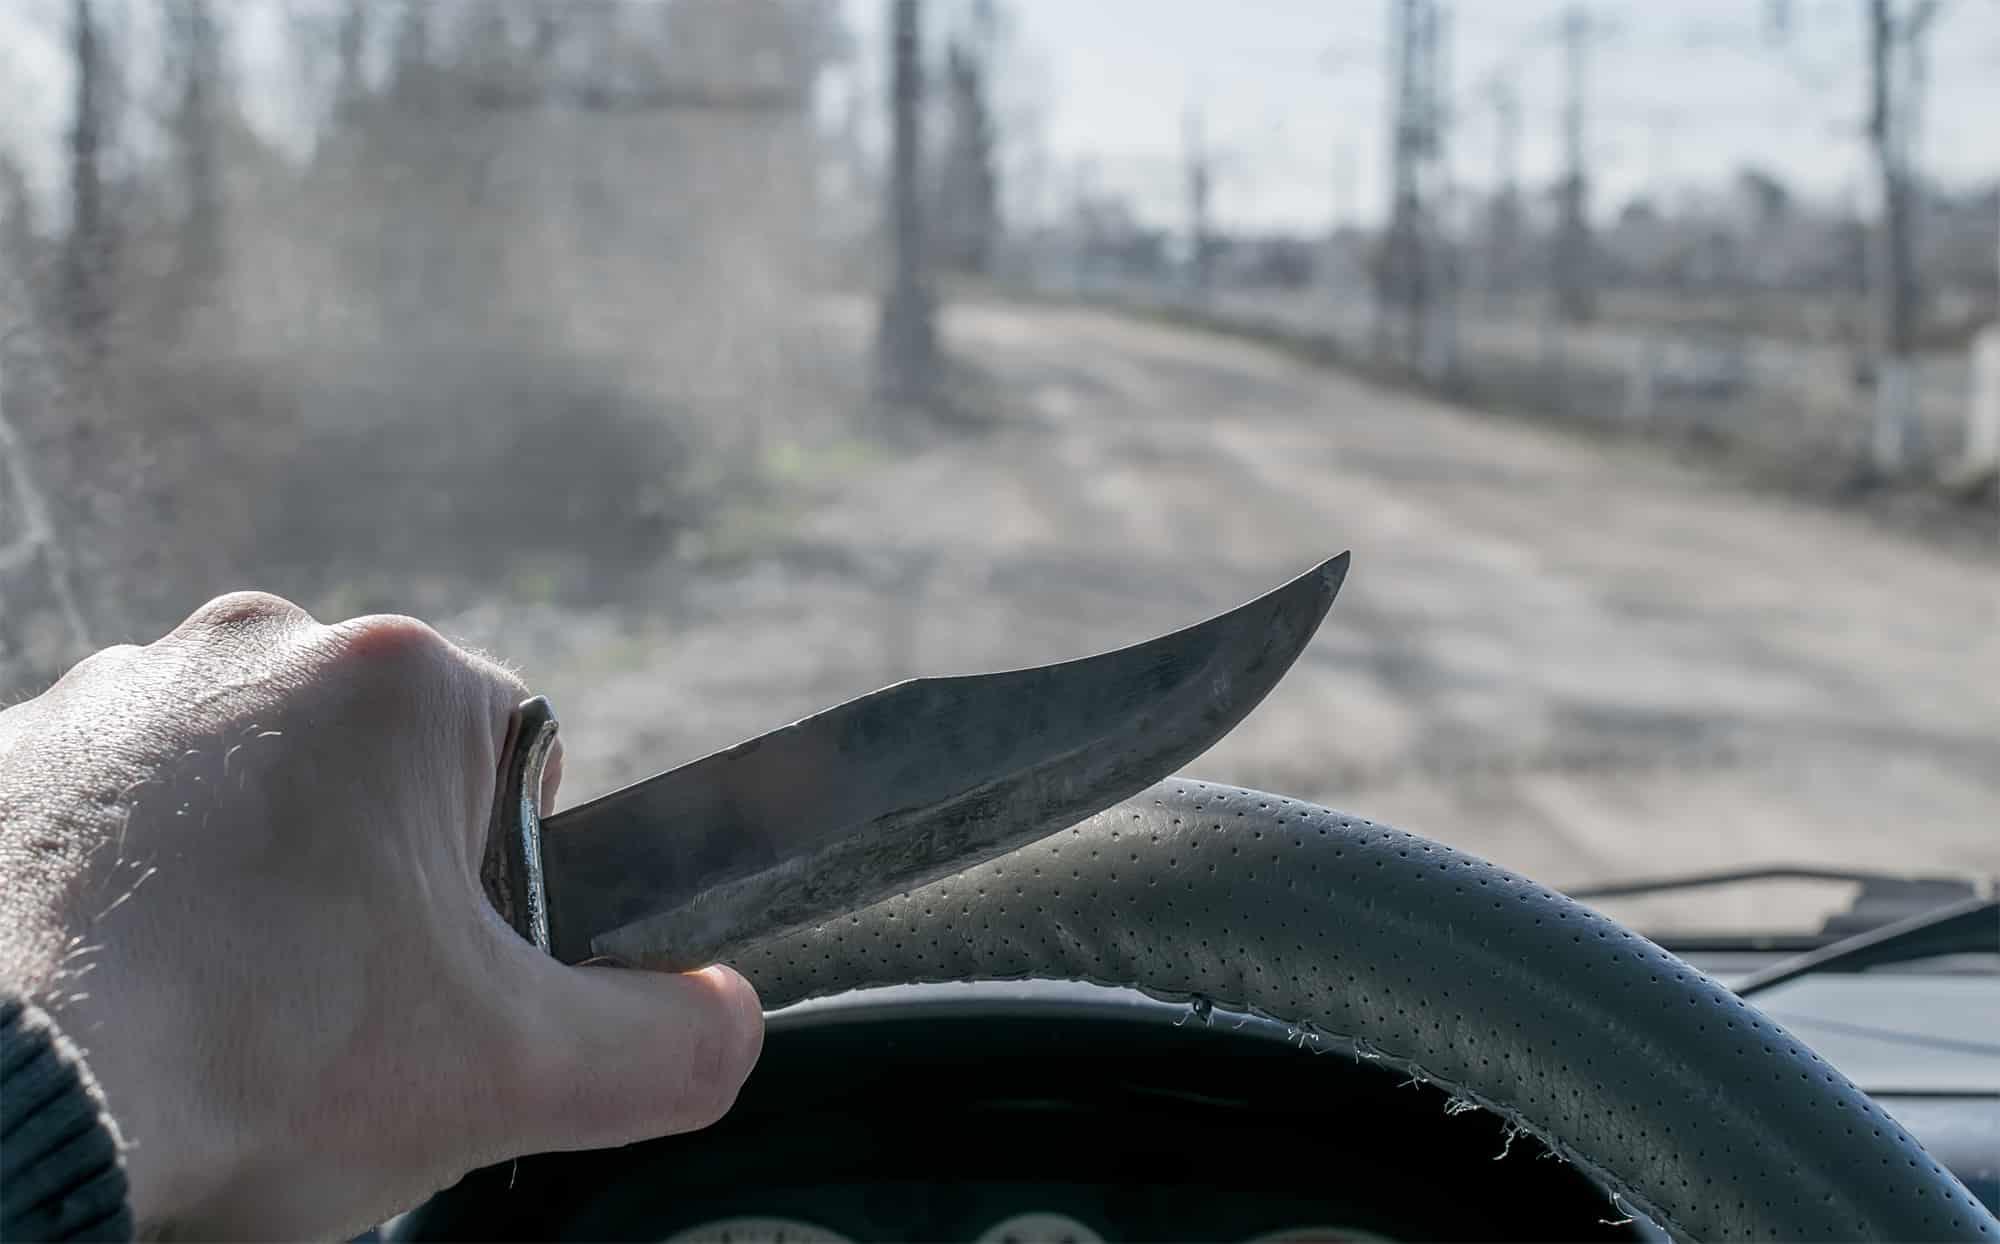 בית המשפט זיכה נהג שנתפס מחזיק ברכבו שני סכינים עקב חיפוש לא חוקי